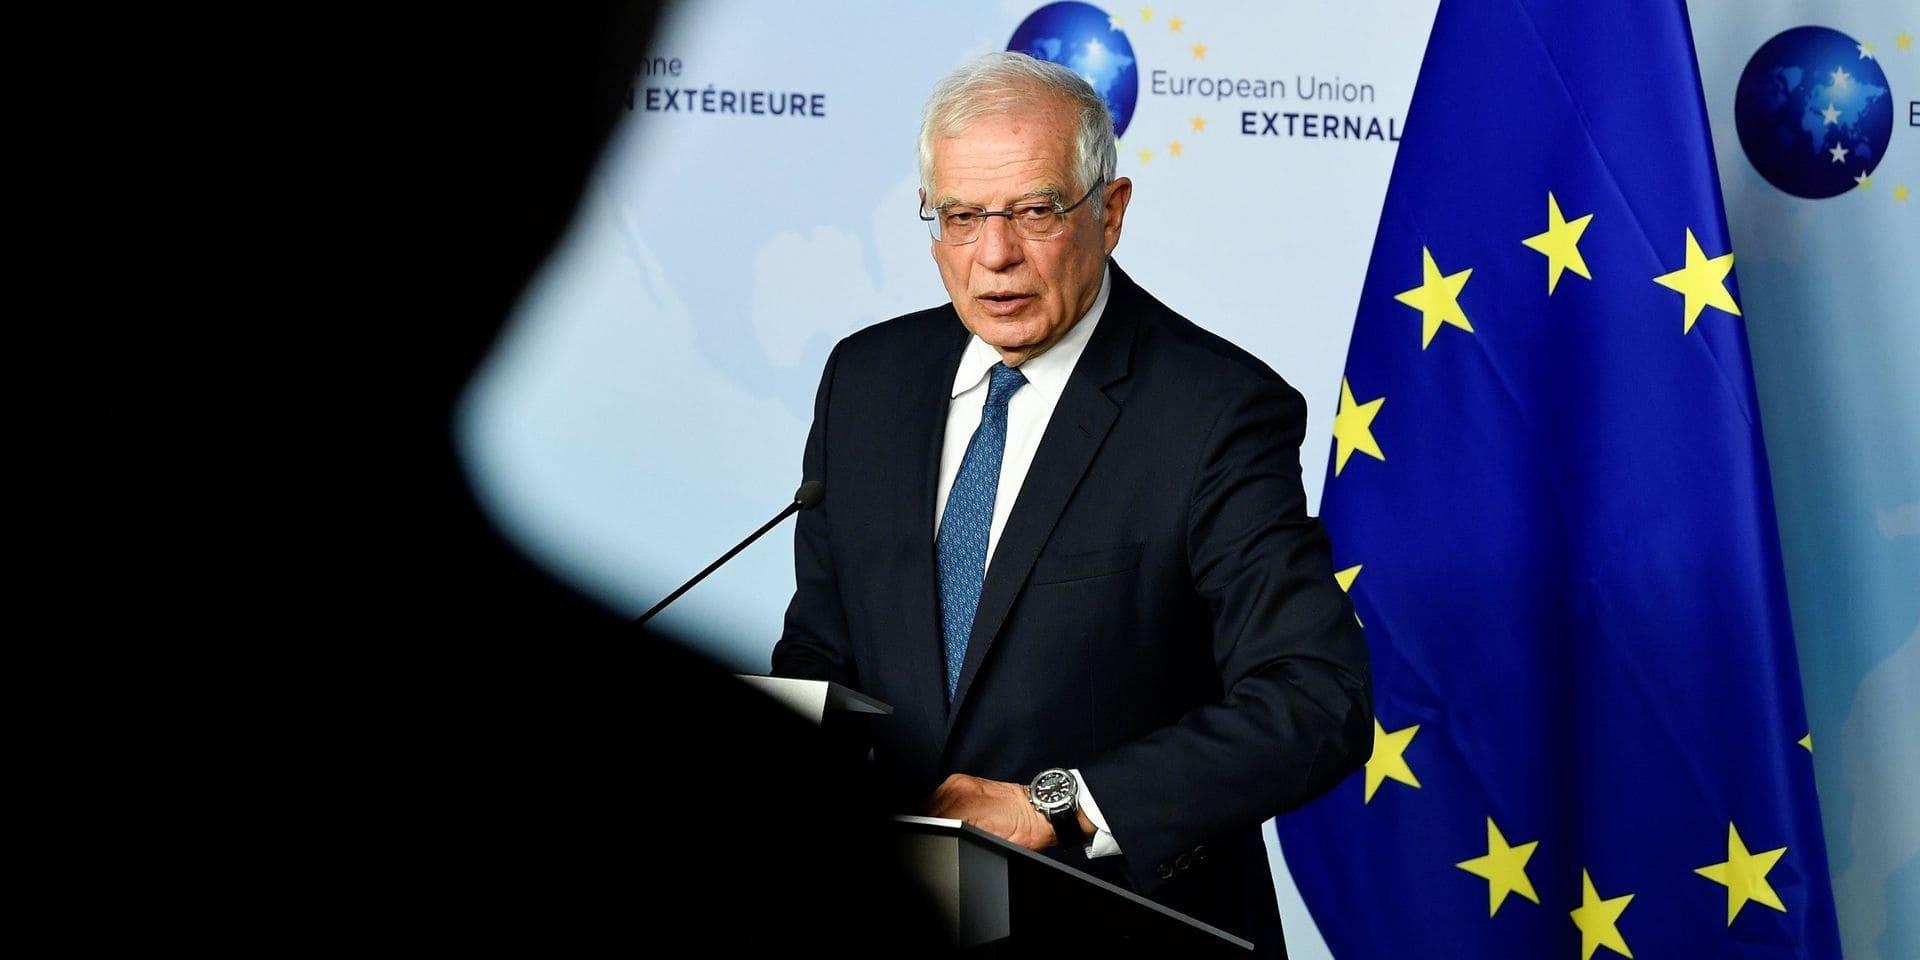 """L'Union européenne appelle Ankara à cesser """"immédiatement"""" ses recherches de gaz"""